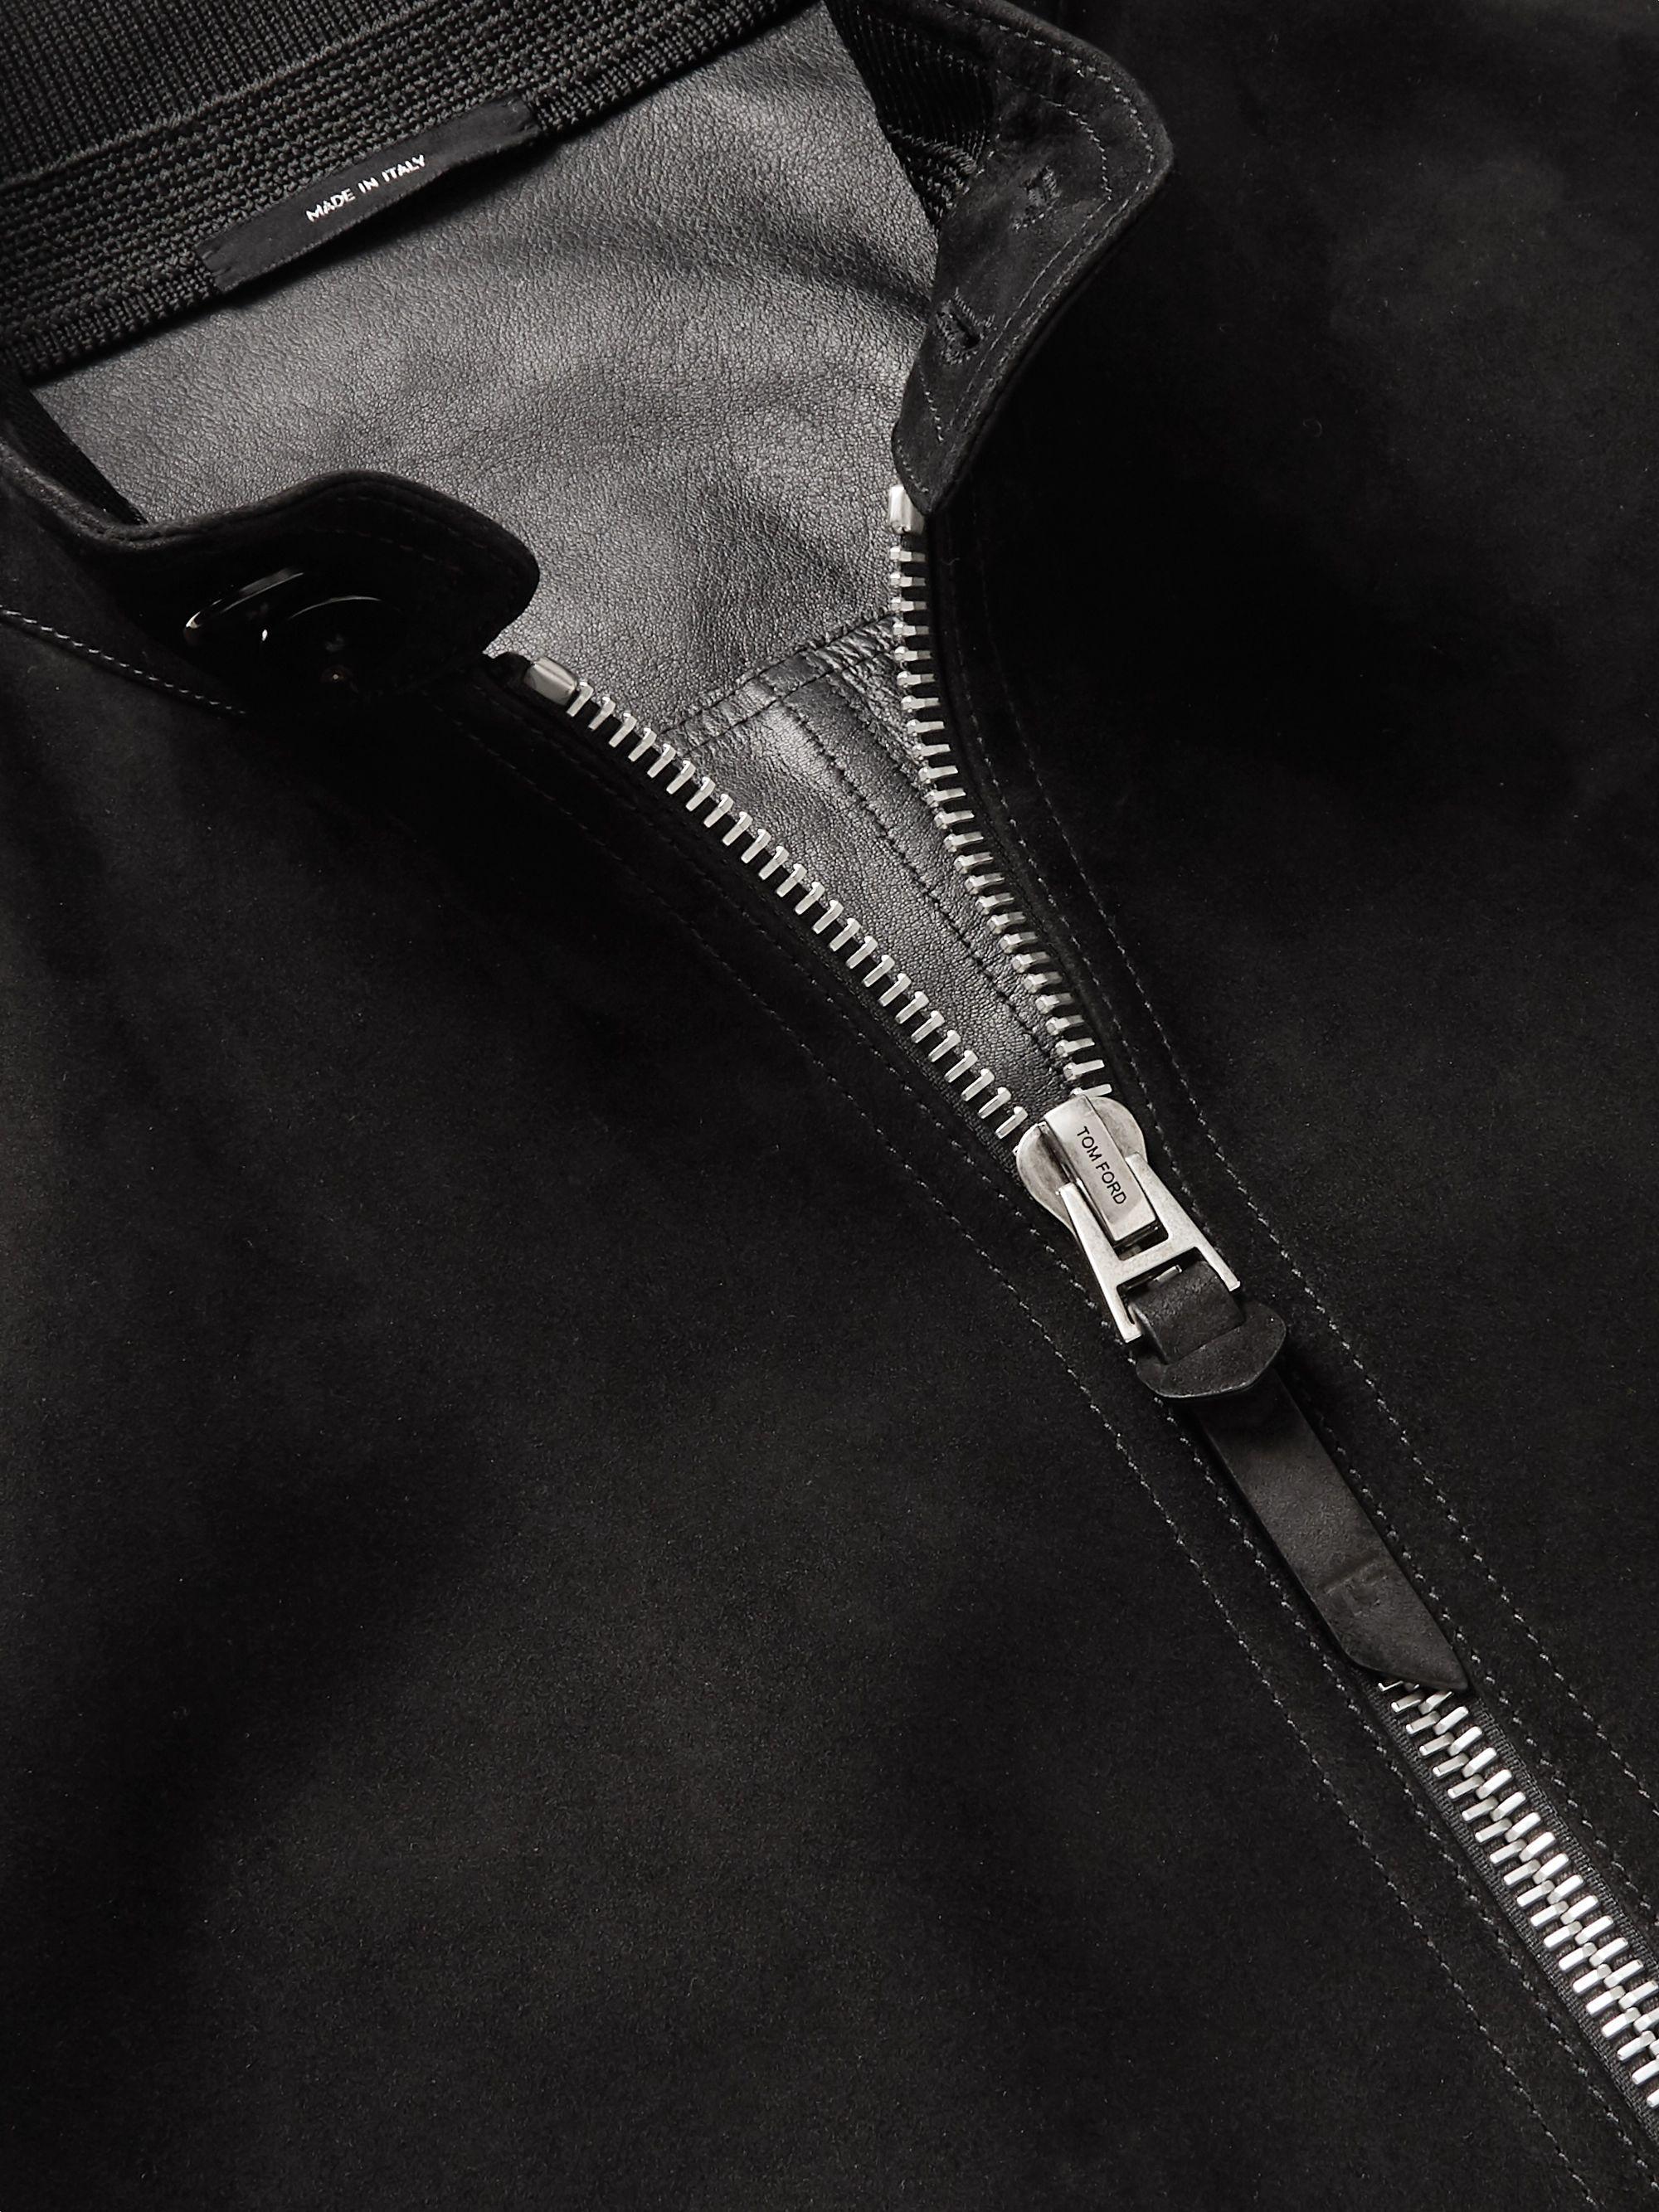 Black Suede Bomber Jacket | Tom Ford